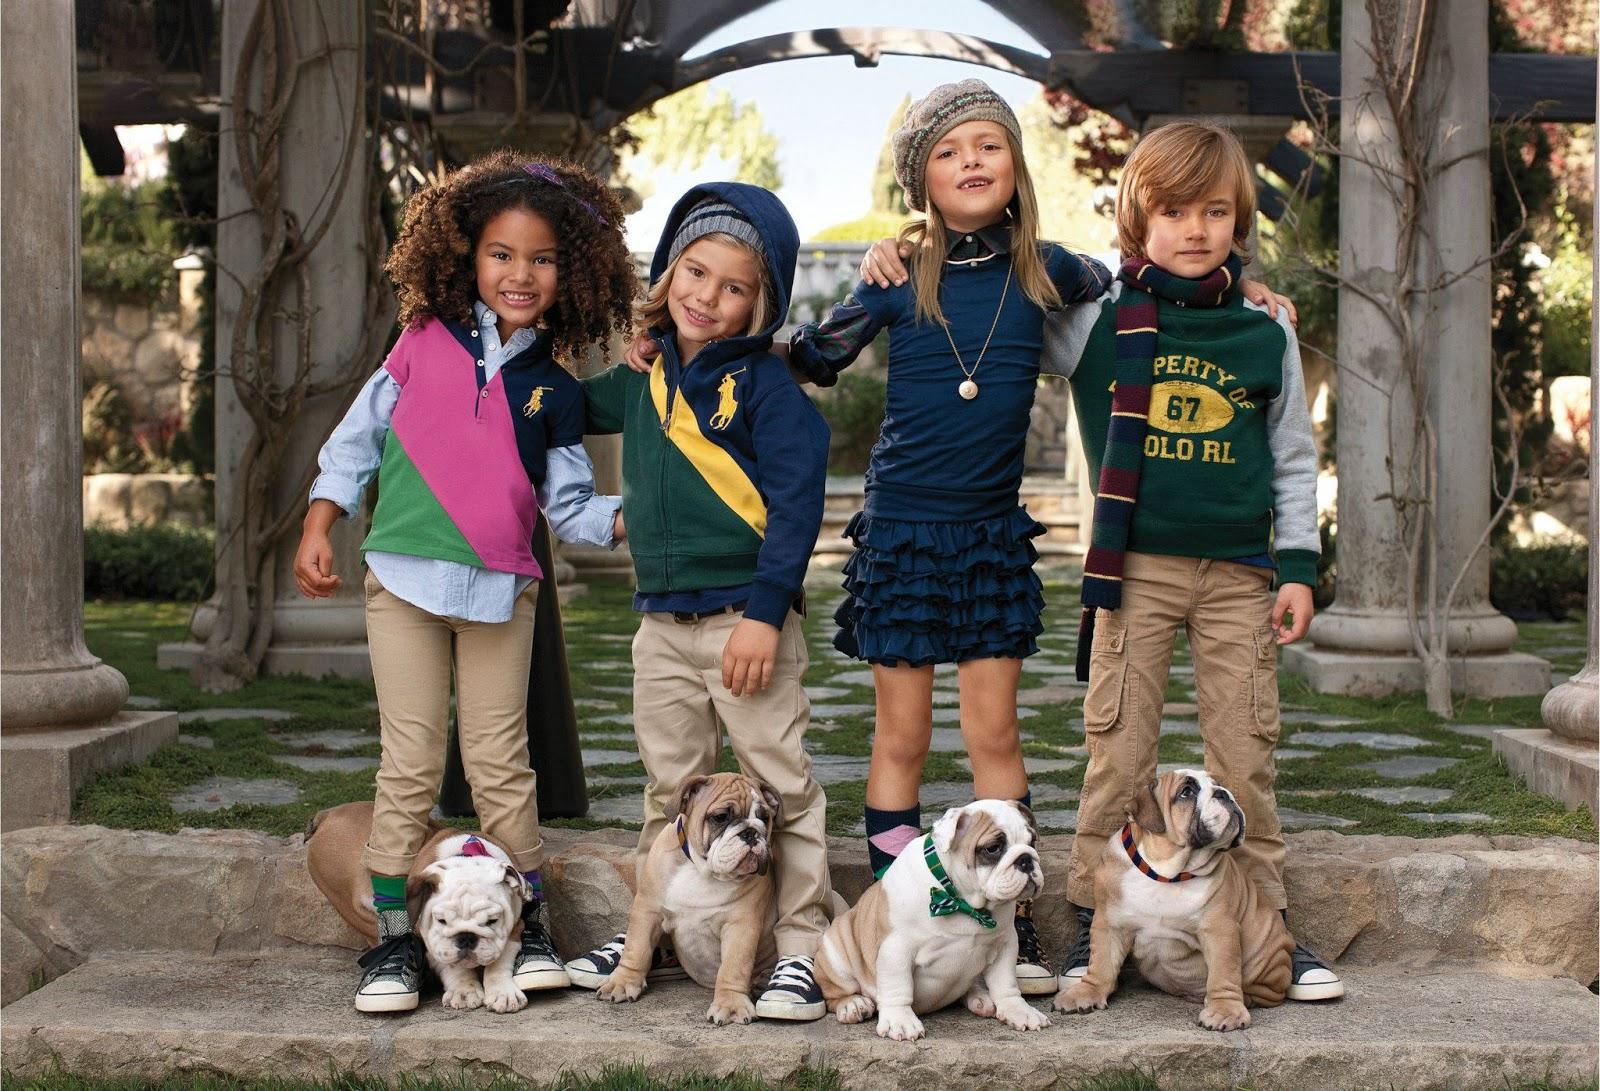 alalosha.com AW2013 2014 boy s fashion Boys and Girls children ad campaign  childrenswear Fall 2012 Girls Fashion luxury childrenswear brands Ralph  Lauren ... 2dd26b4eb30